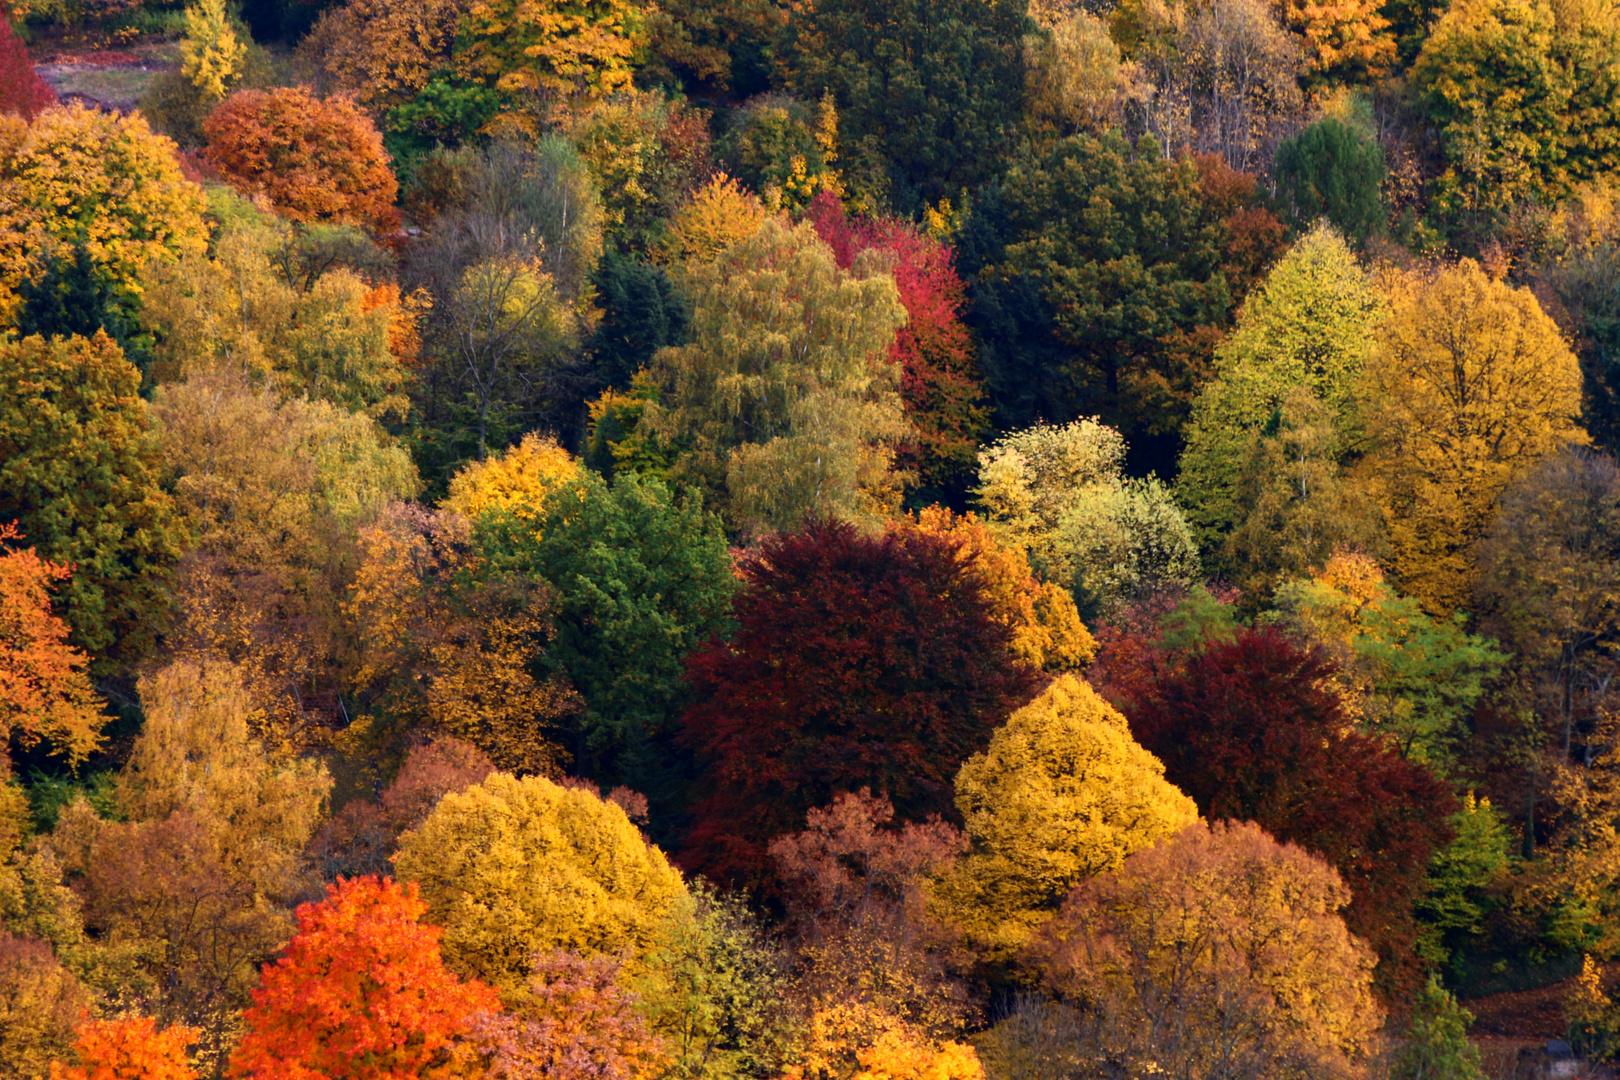 Herbst in NRW